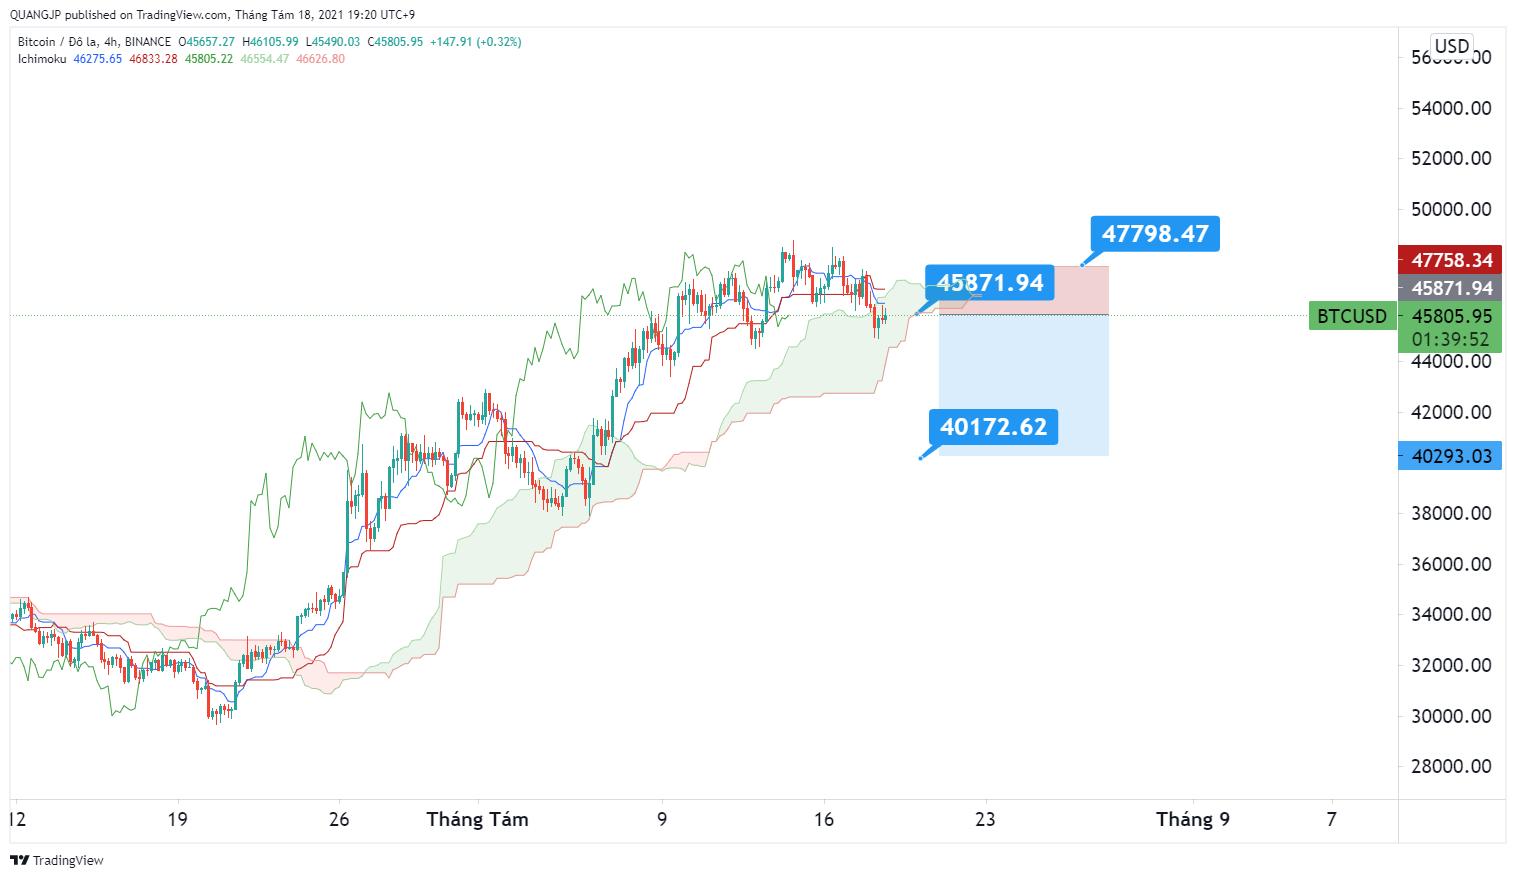 Phân tích giá BTC/USD: có thể giảm trong hôm nay và tiếp diễn trong tuần